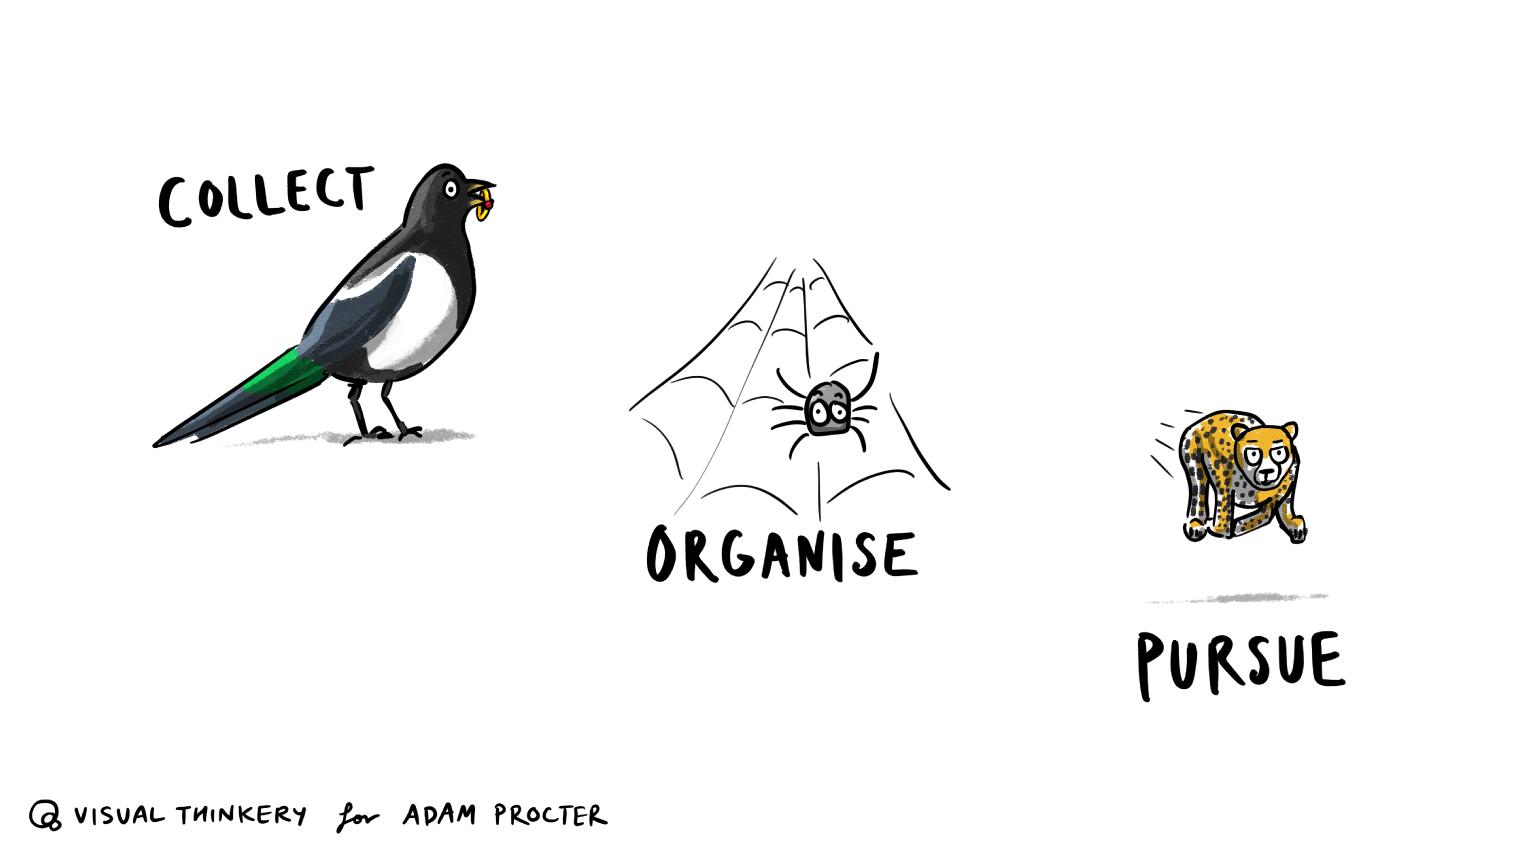 Adam Proctor - Collect, Organise, Persue